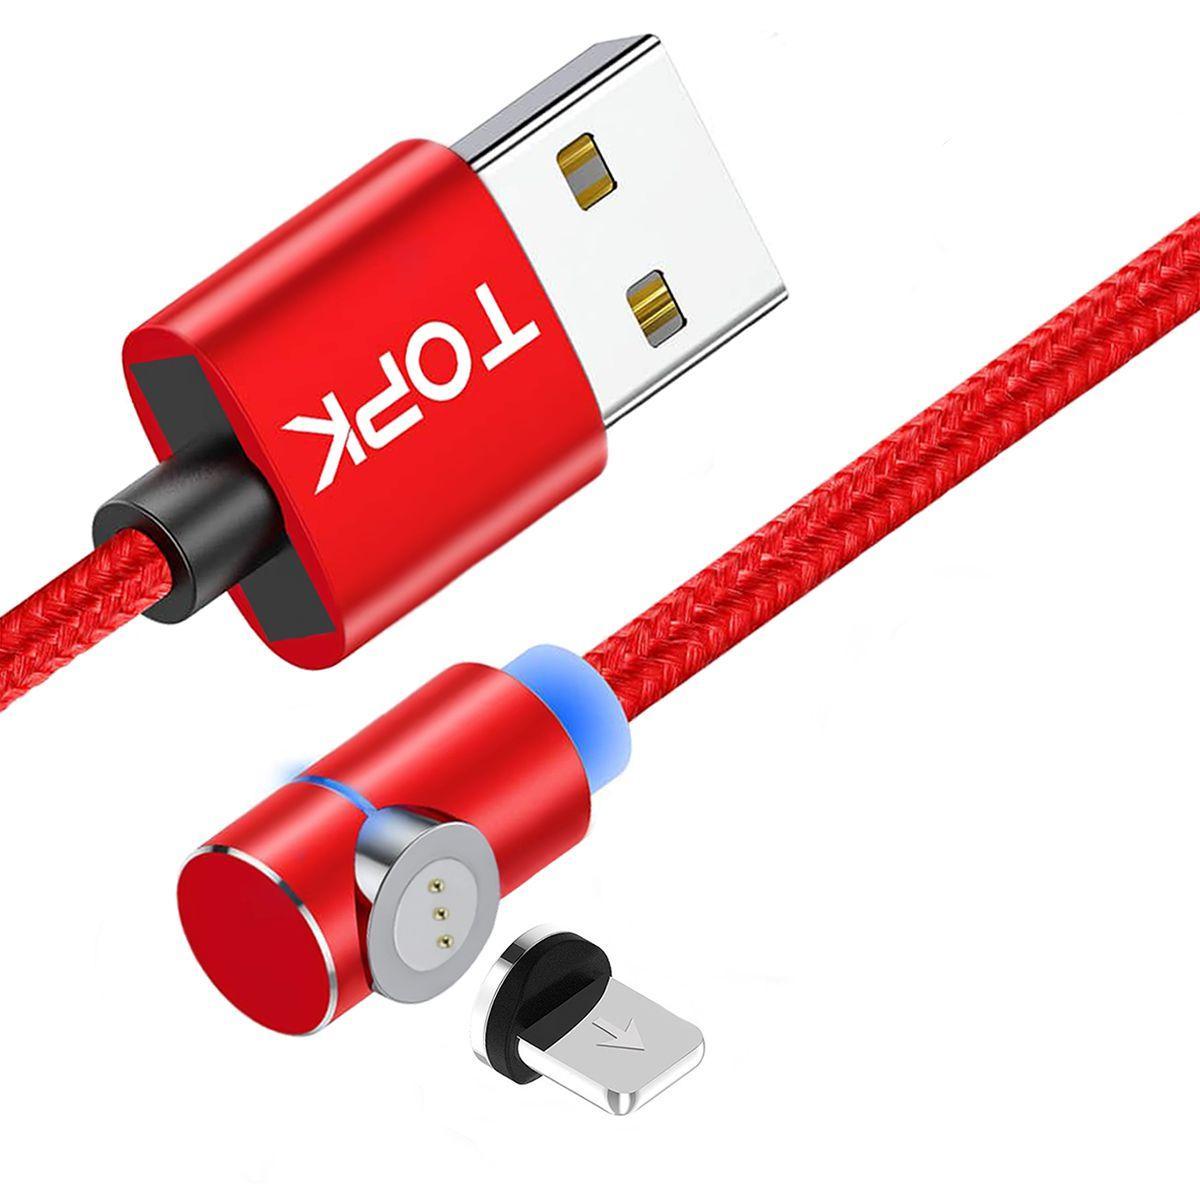 Магнітний кабель TOPK (AM69) apple-lightning (SL 5A) для заряджання і передачі даних (100 см) Red